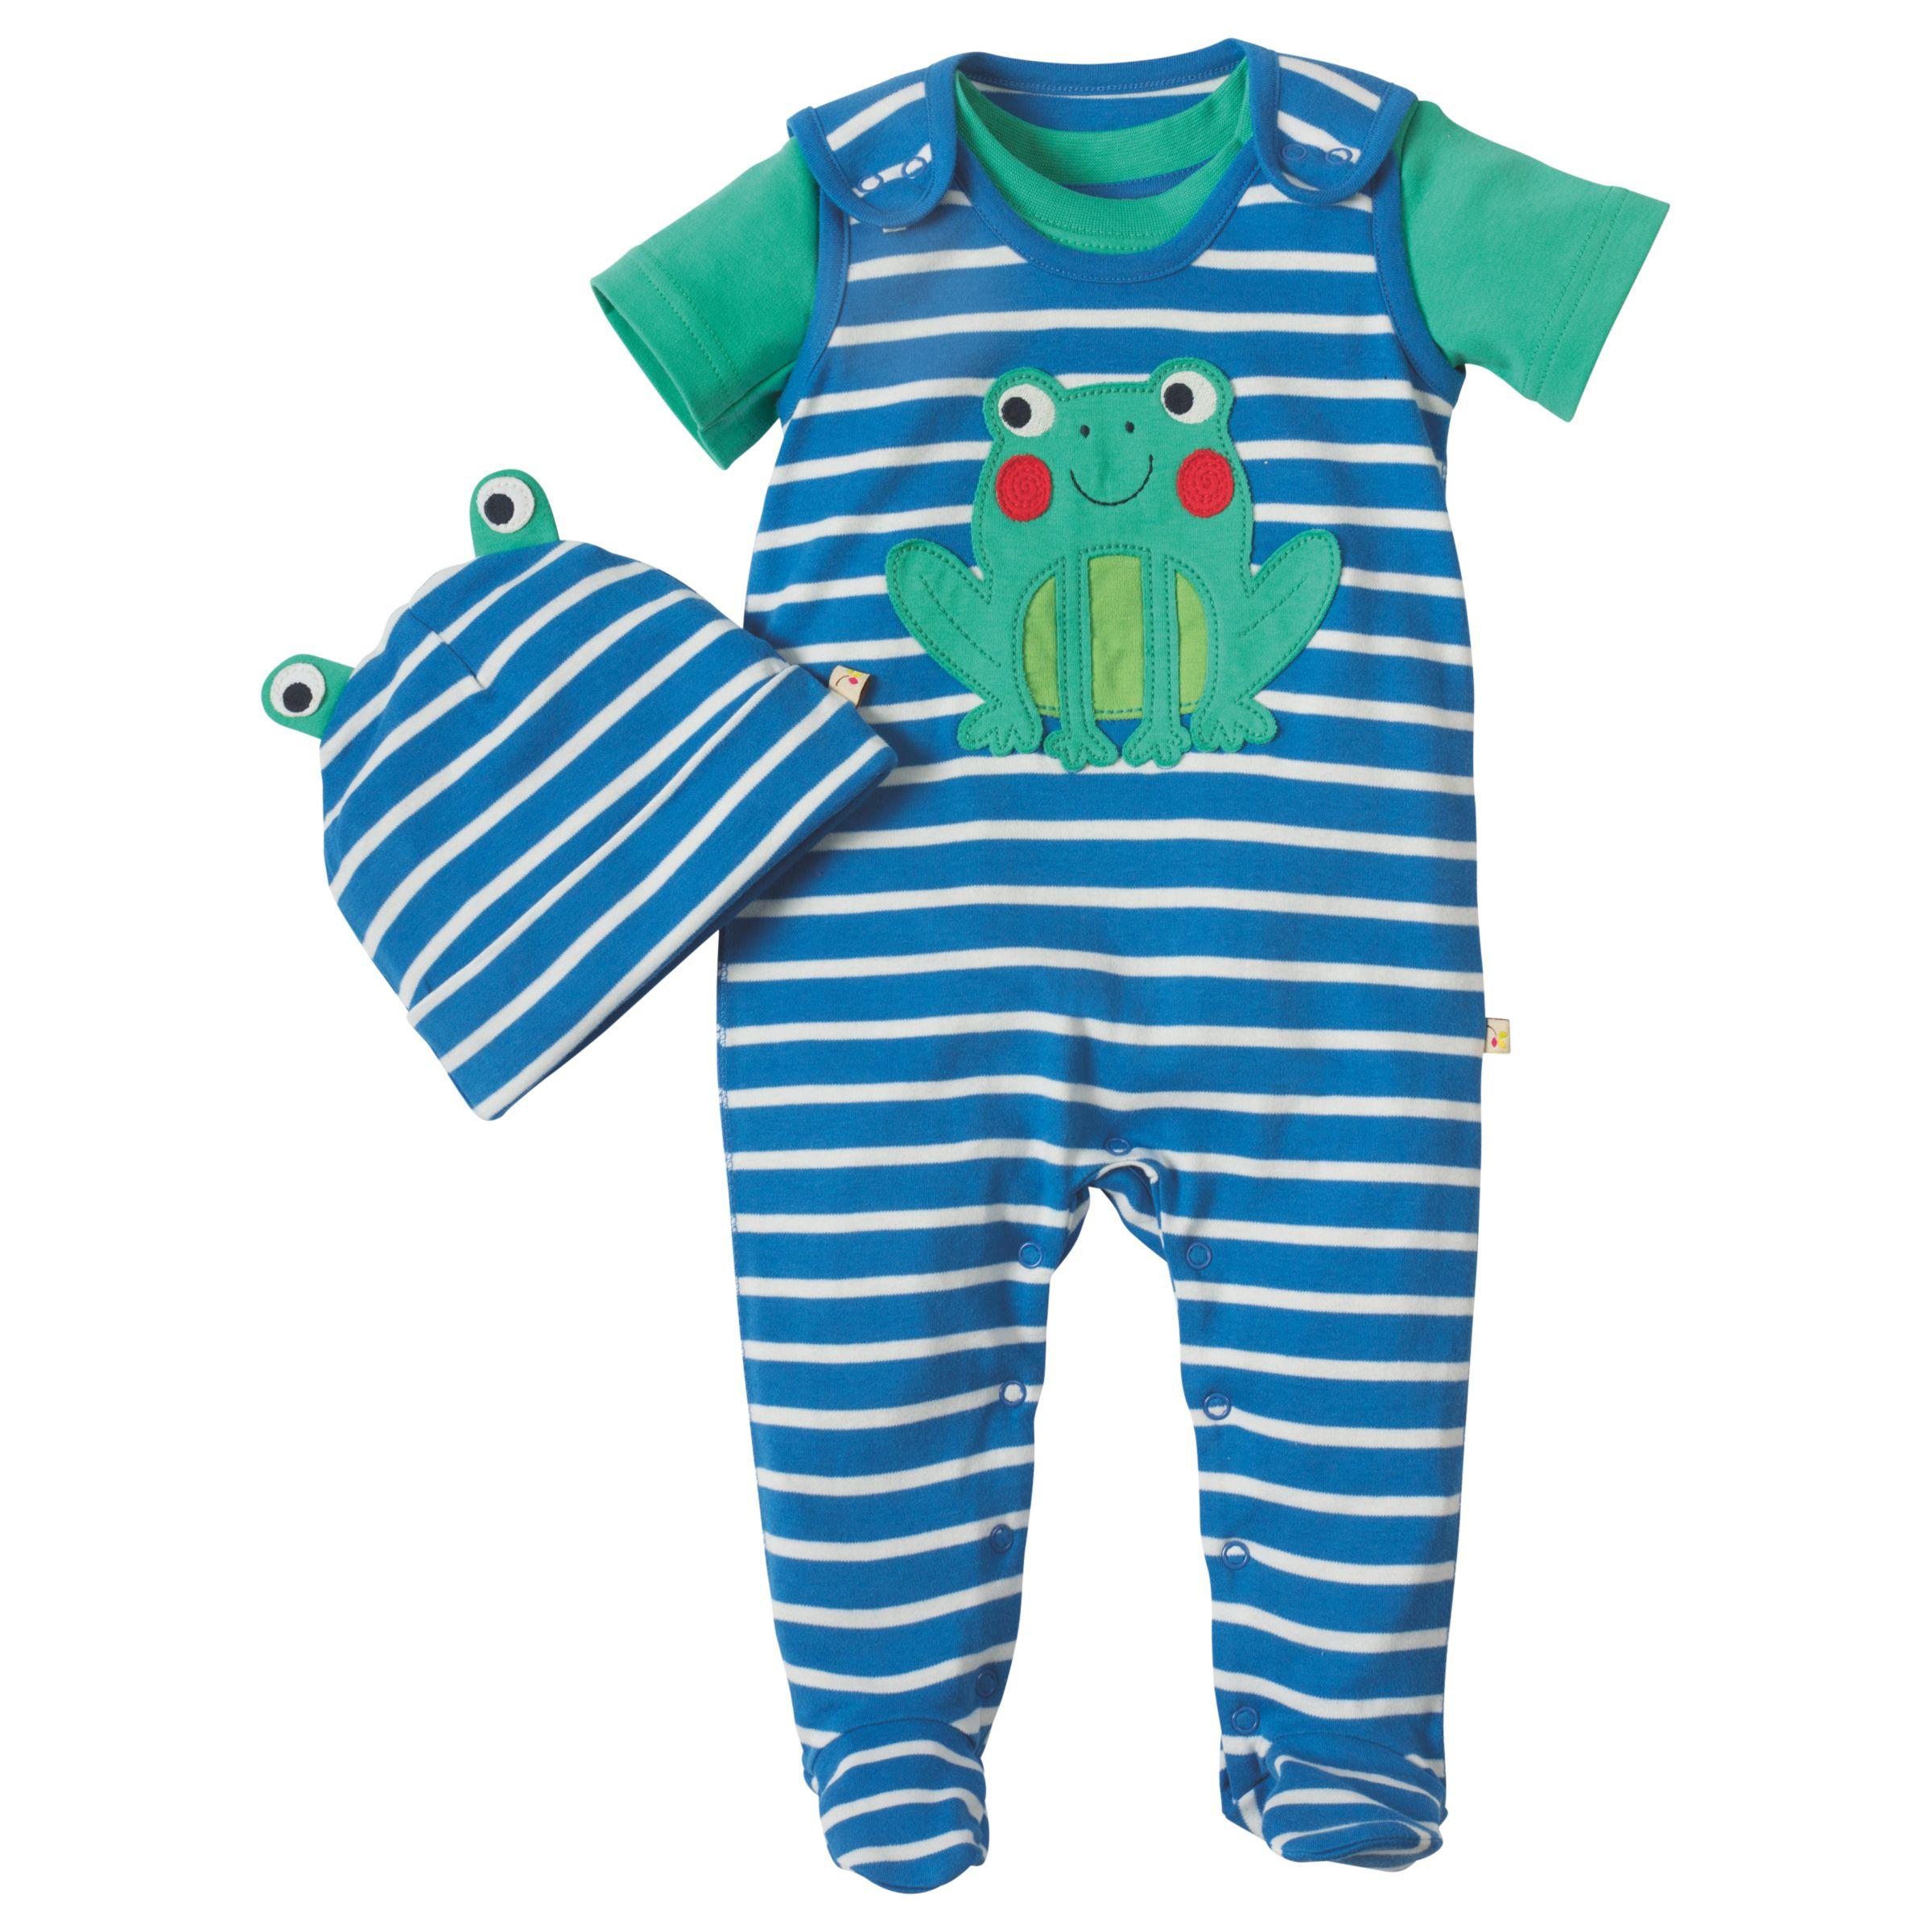 Frugi Organic Frugi Organic Baby Snuggle Frog Sleepsuit and Hat Gift Set, Blue/White